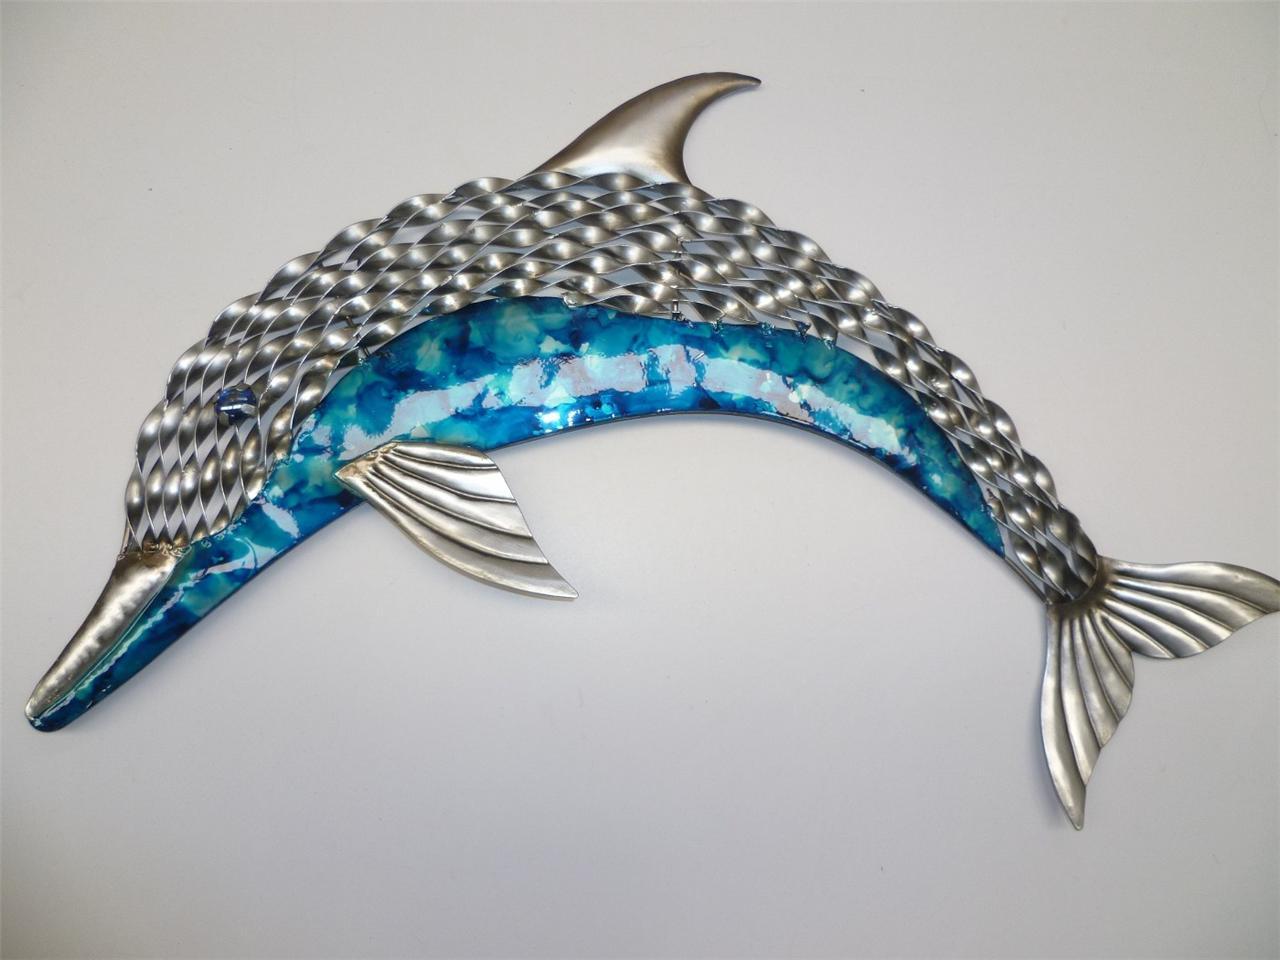 Dolphin Outdoor Wall Decor : Beautiful aqua silver dolphin indoor outdoor metal wall